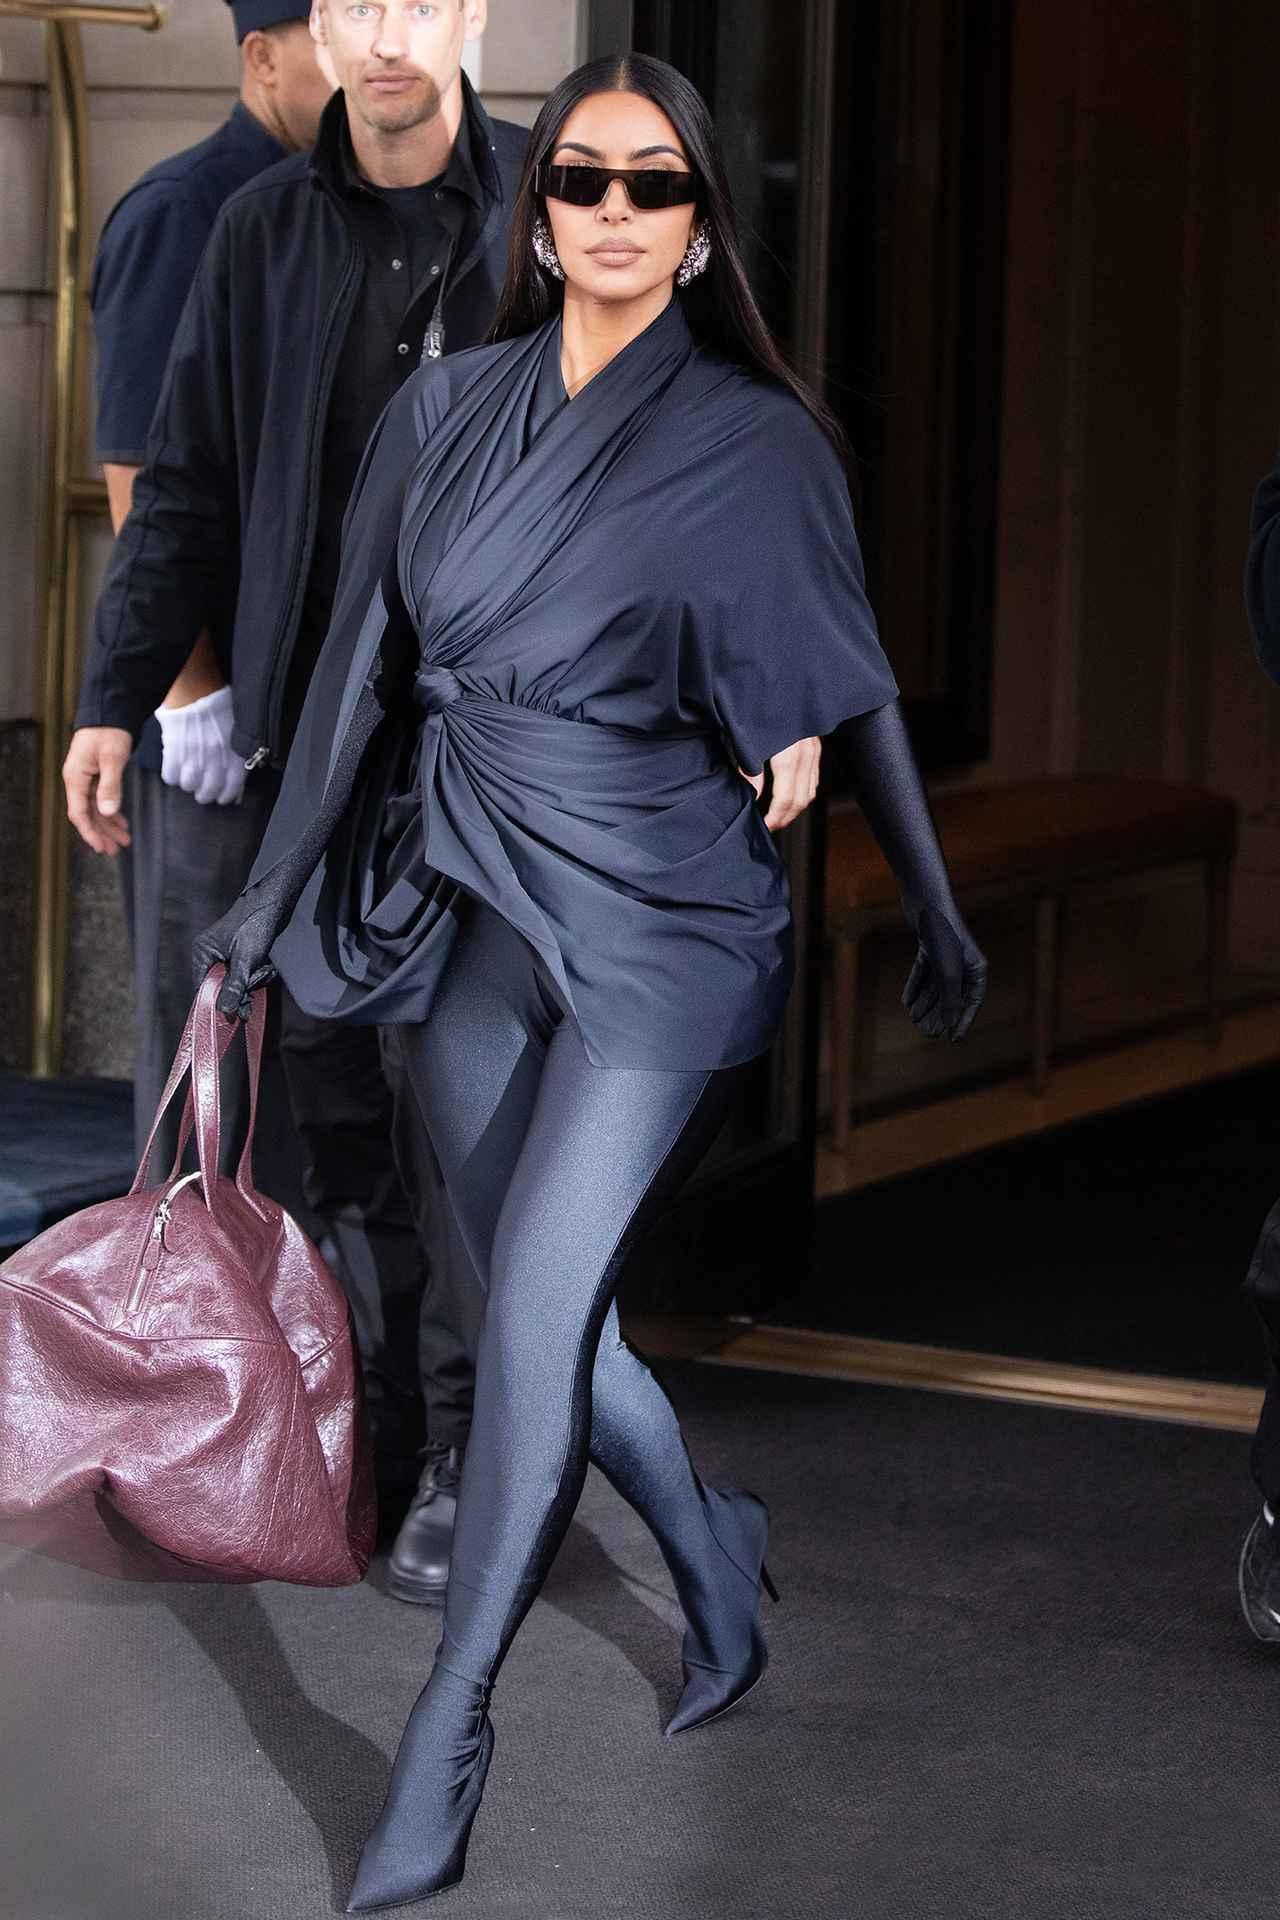 画像1: キムが『SNL』のためにニューヨークへ